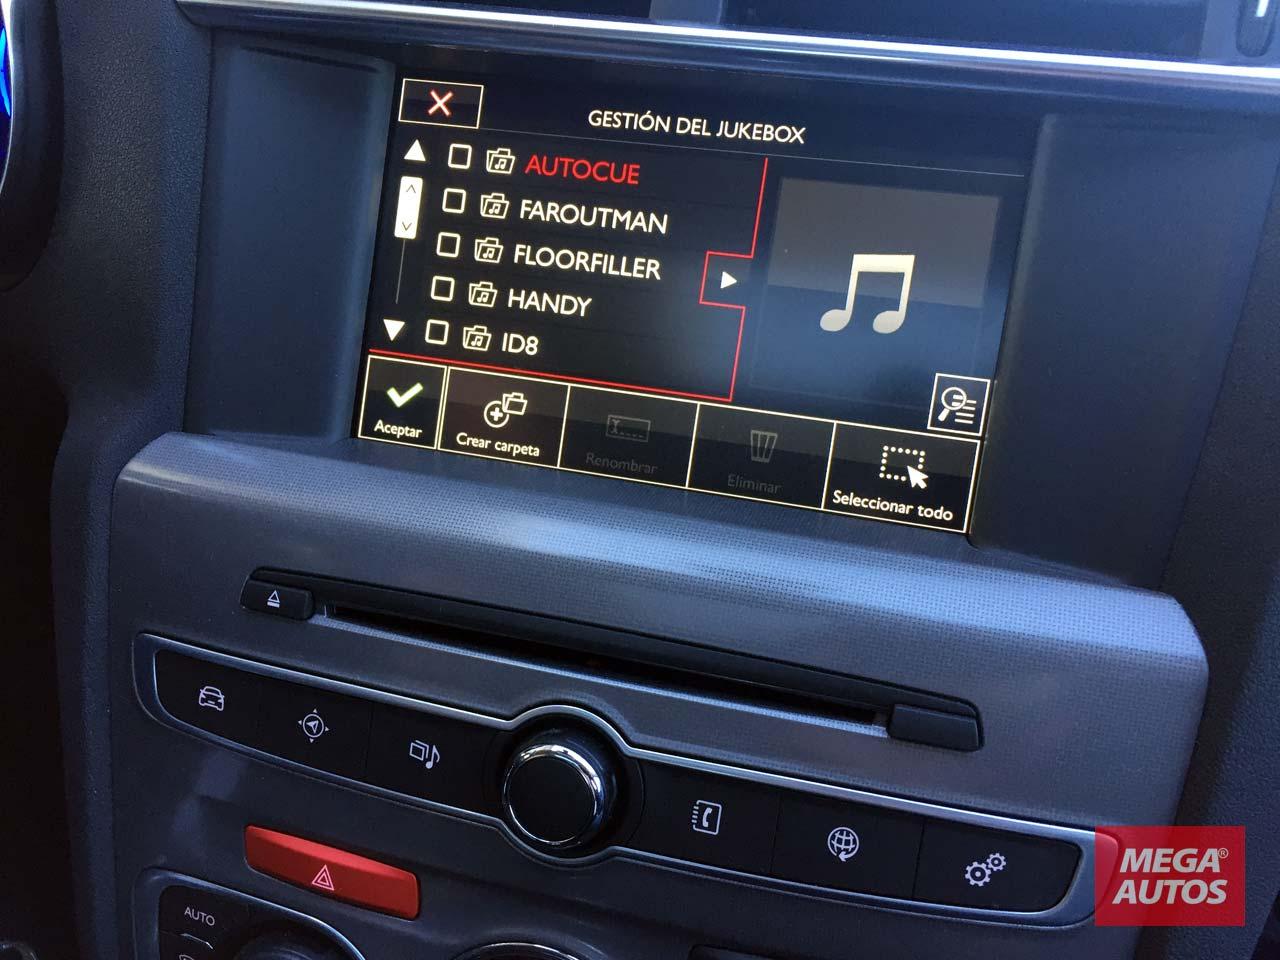 Citroën C4 Lounge multimedia